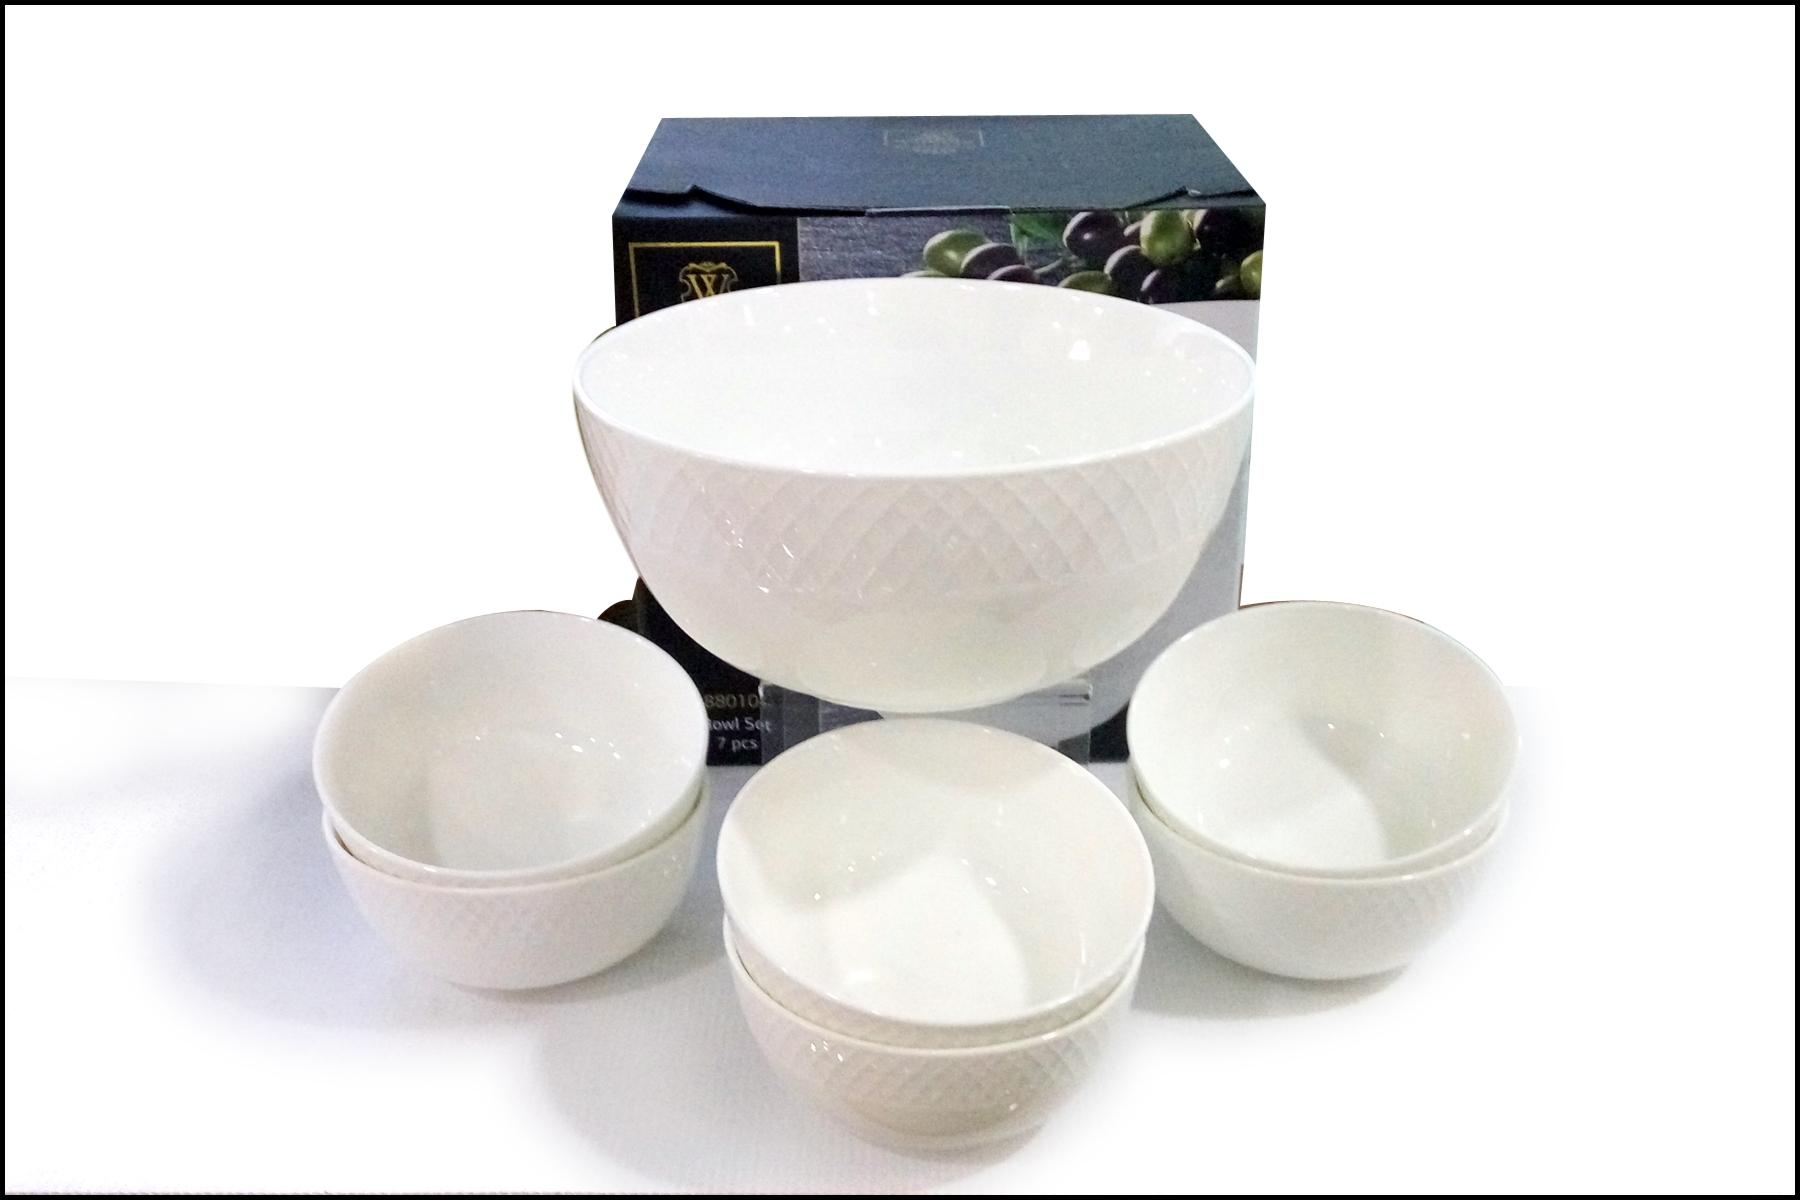 Wilmax Bowl Set